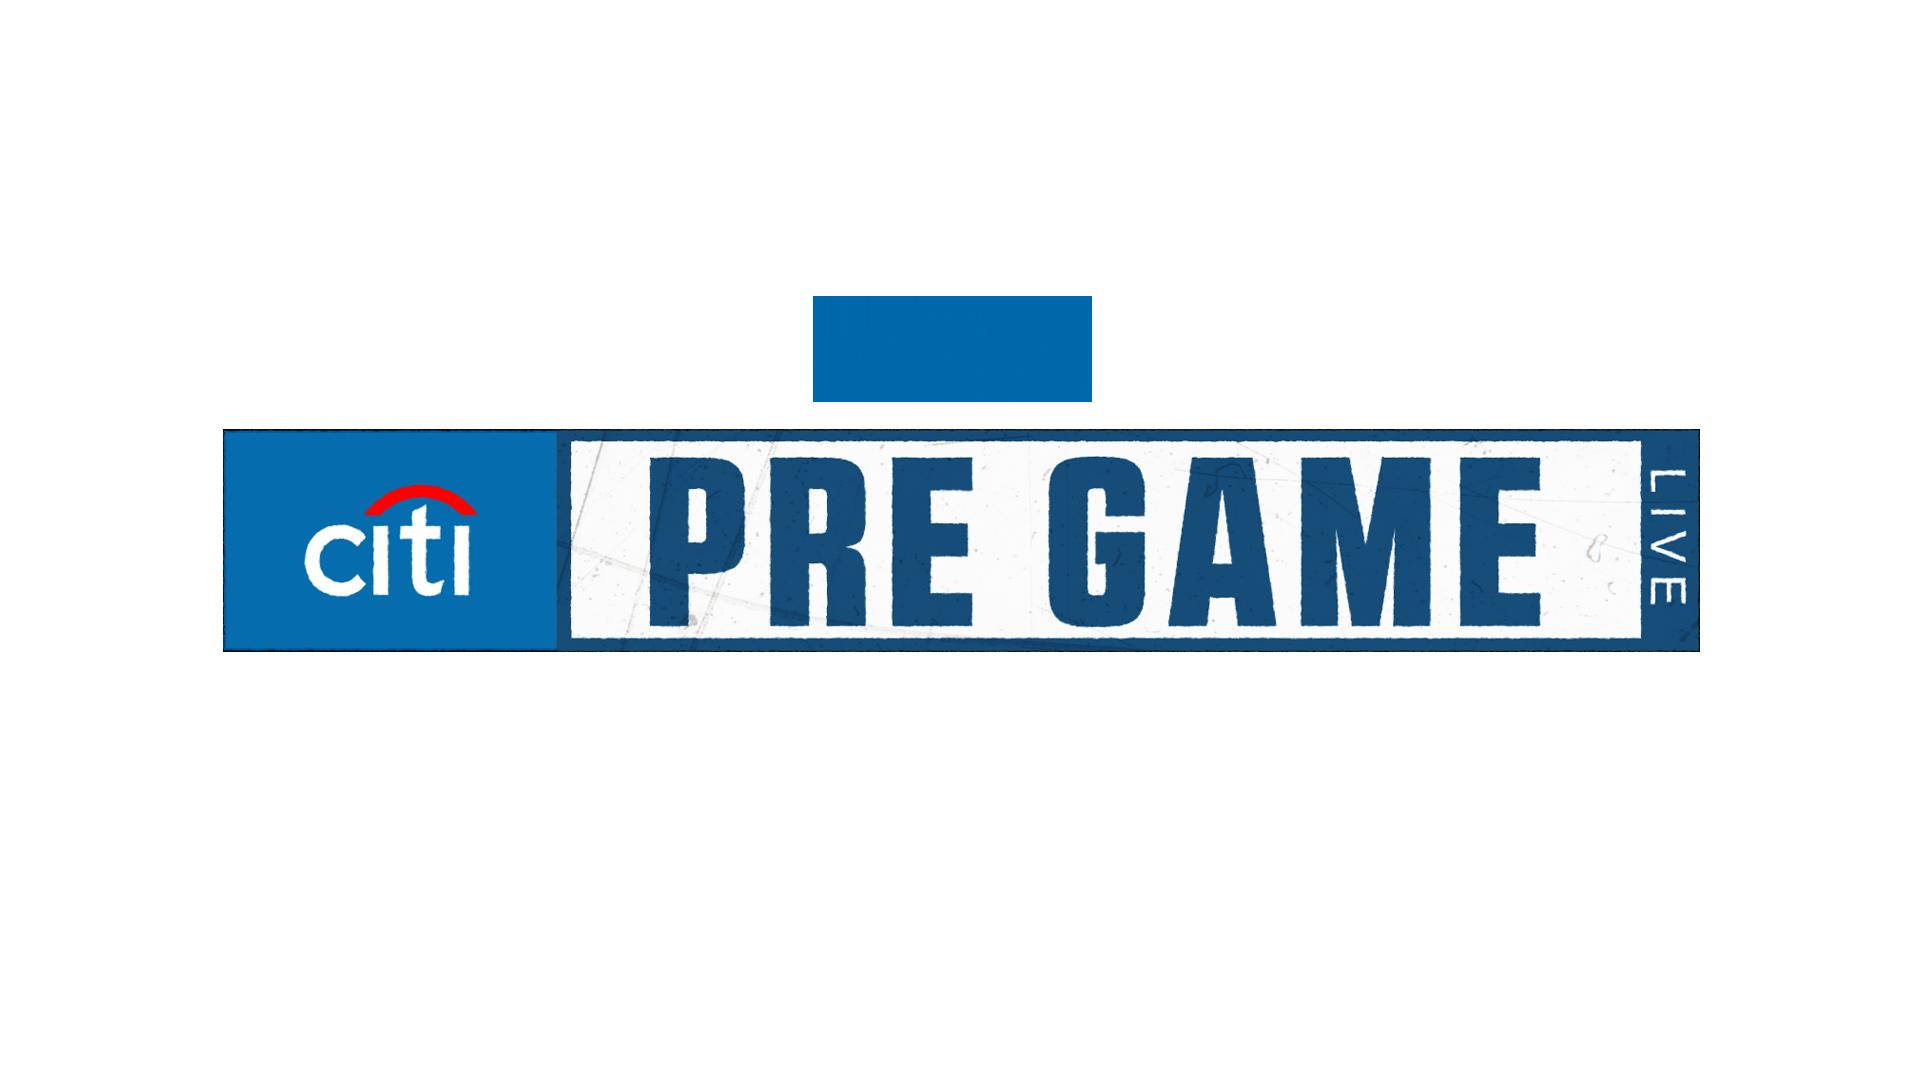 Mets Pre Game